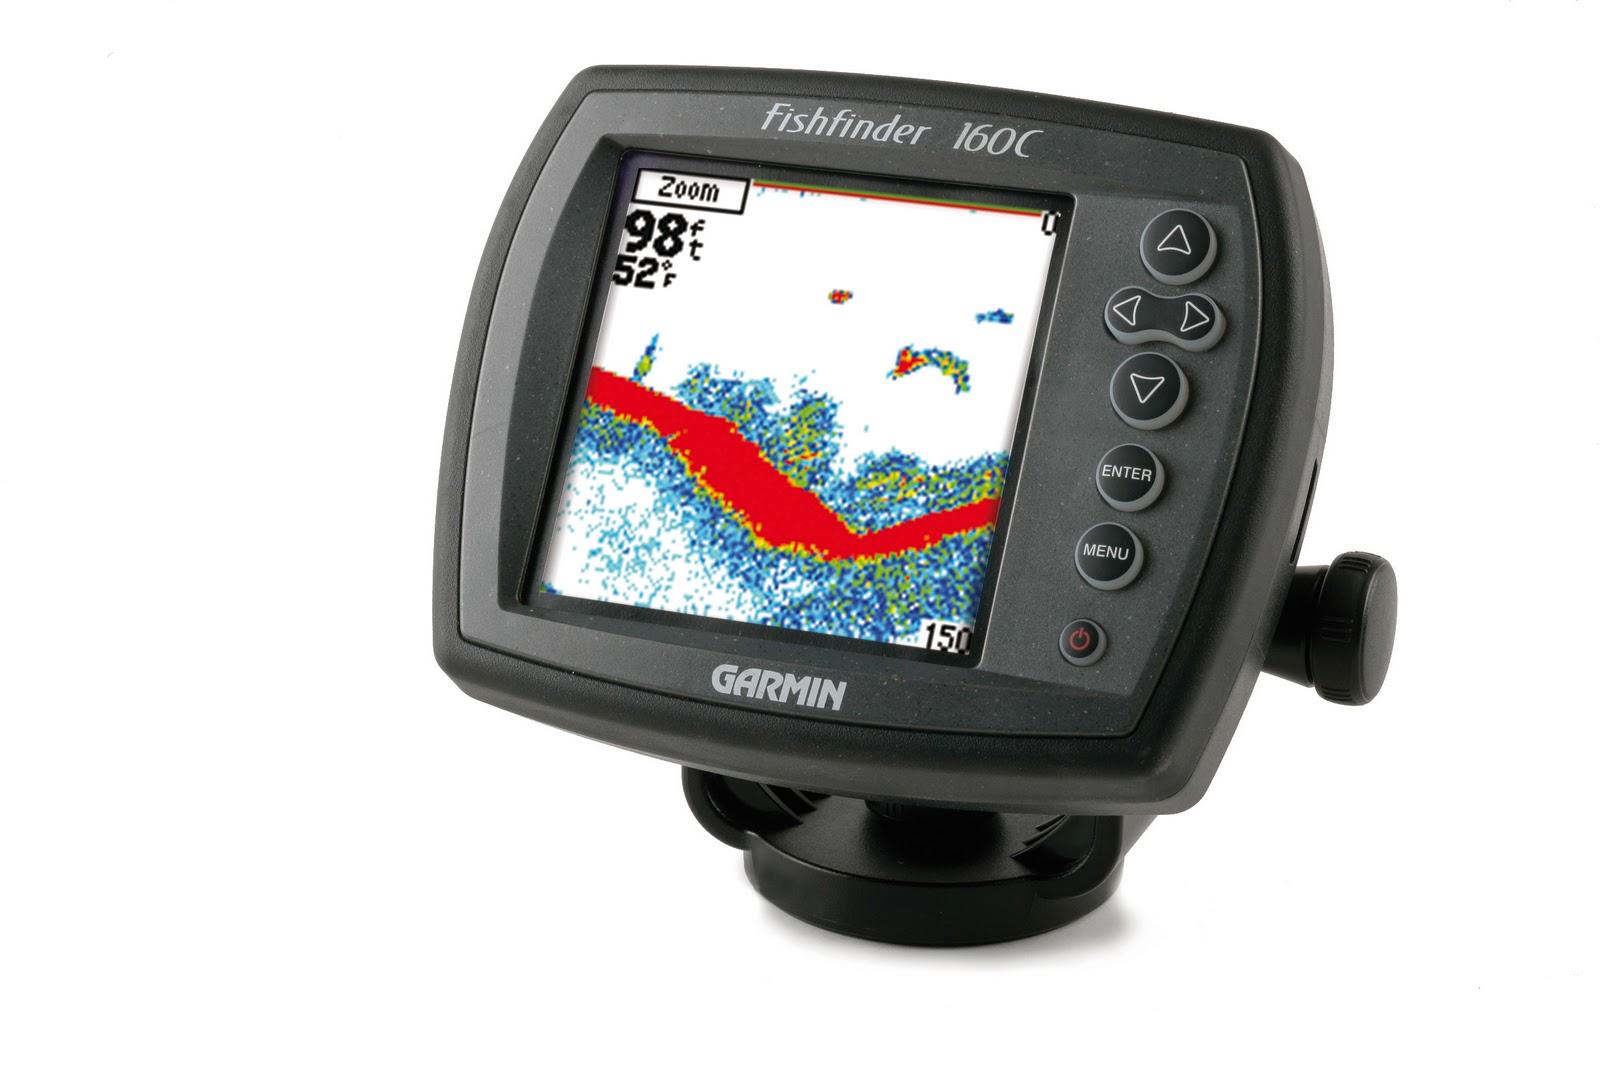 garmin 440 wiring diagram garmin 7 pin wiring diagram garmin gps fish finder lowrance fish finders [ 1600 x 1067 Pixel ]